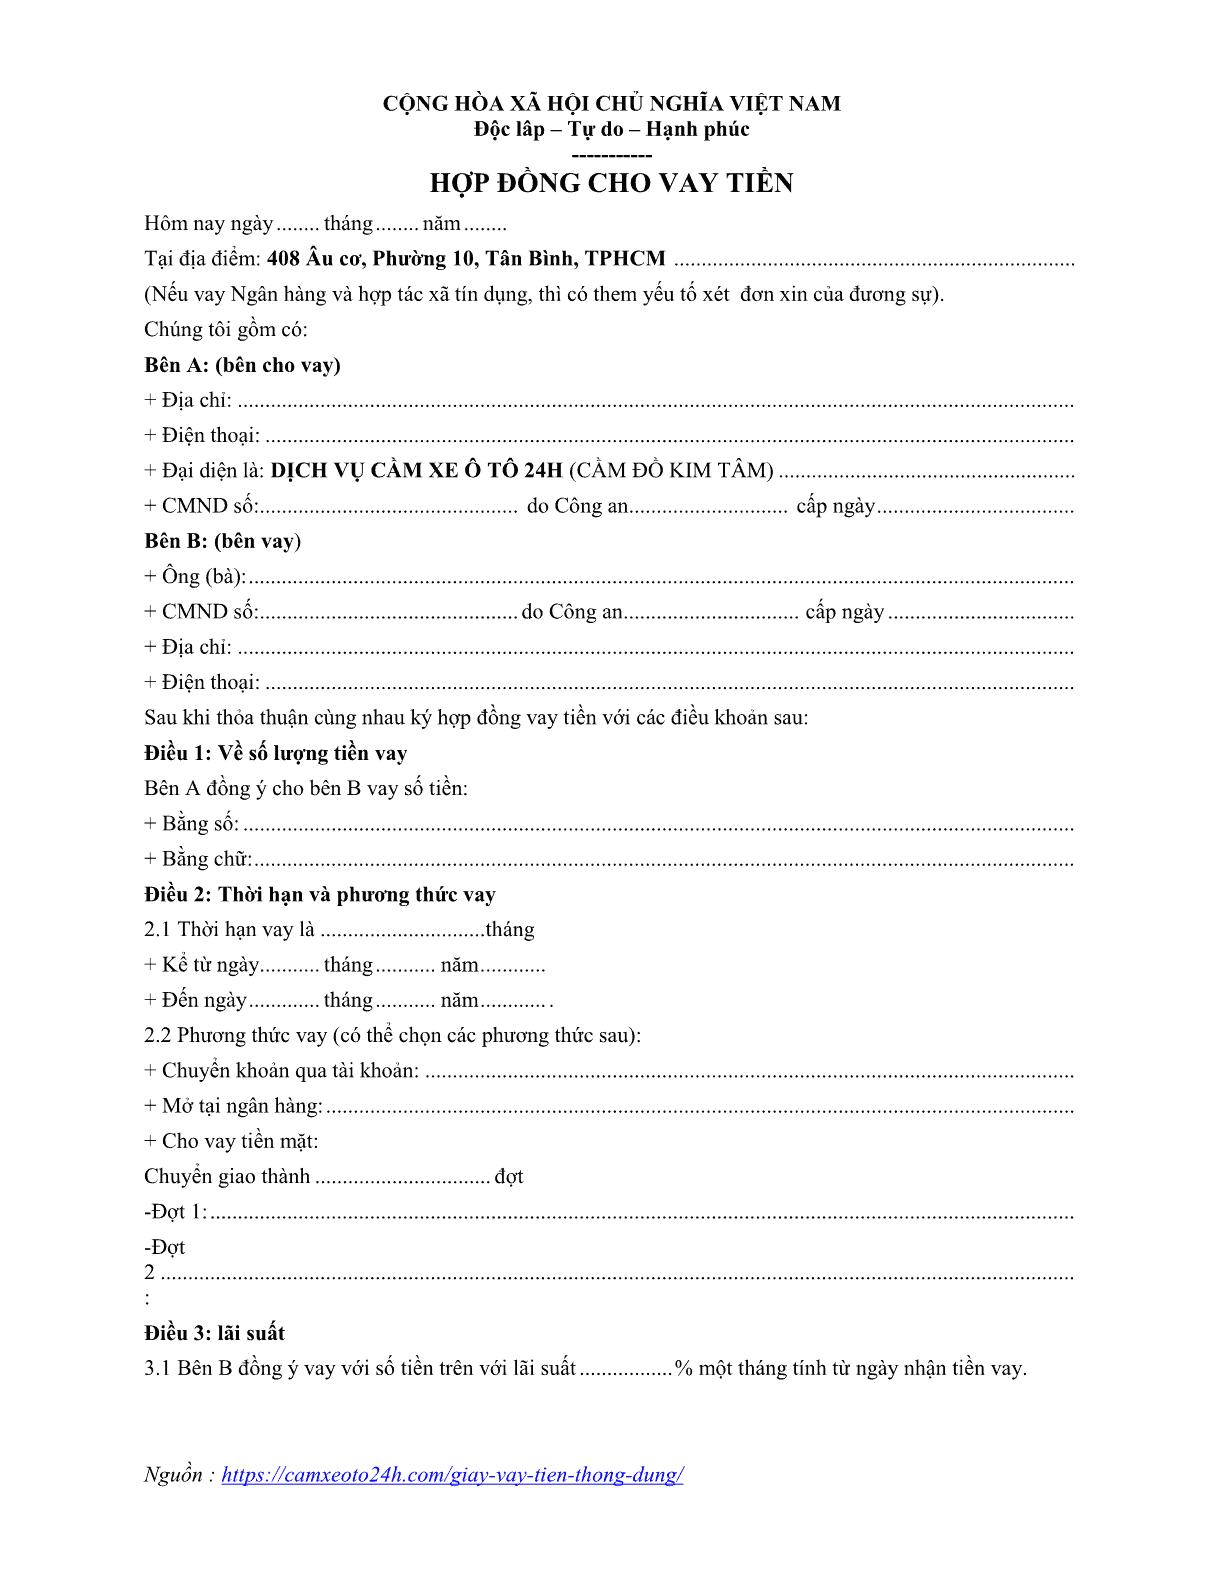 hợp đồng vay tiền trang 01